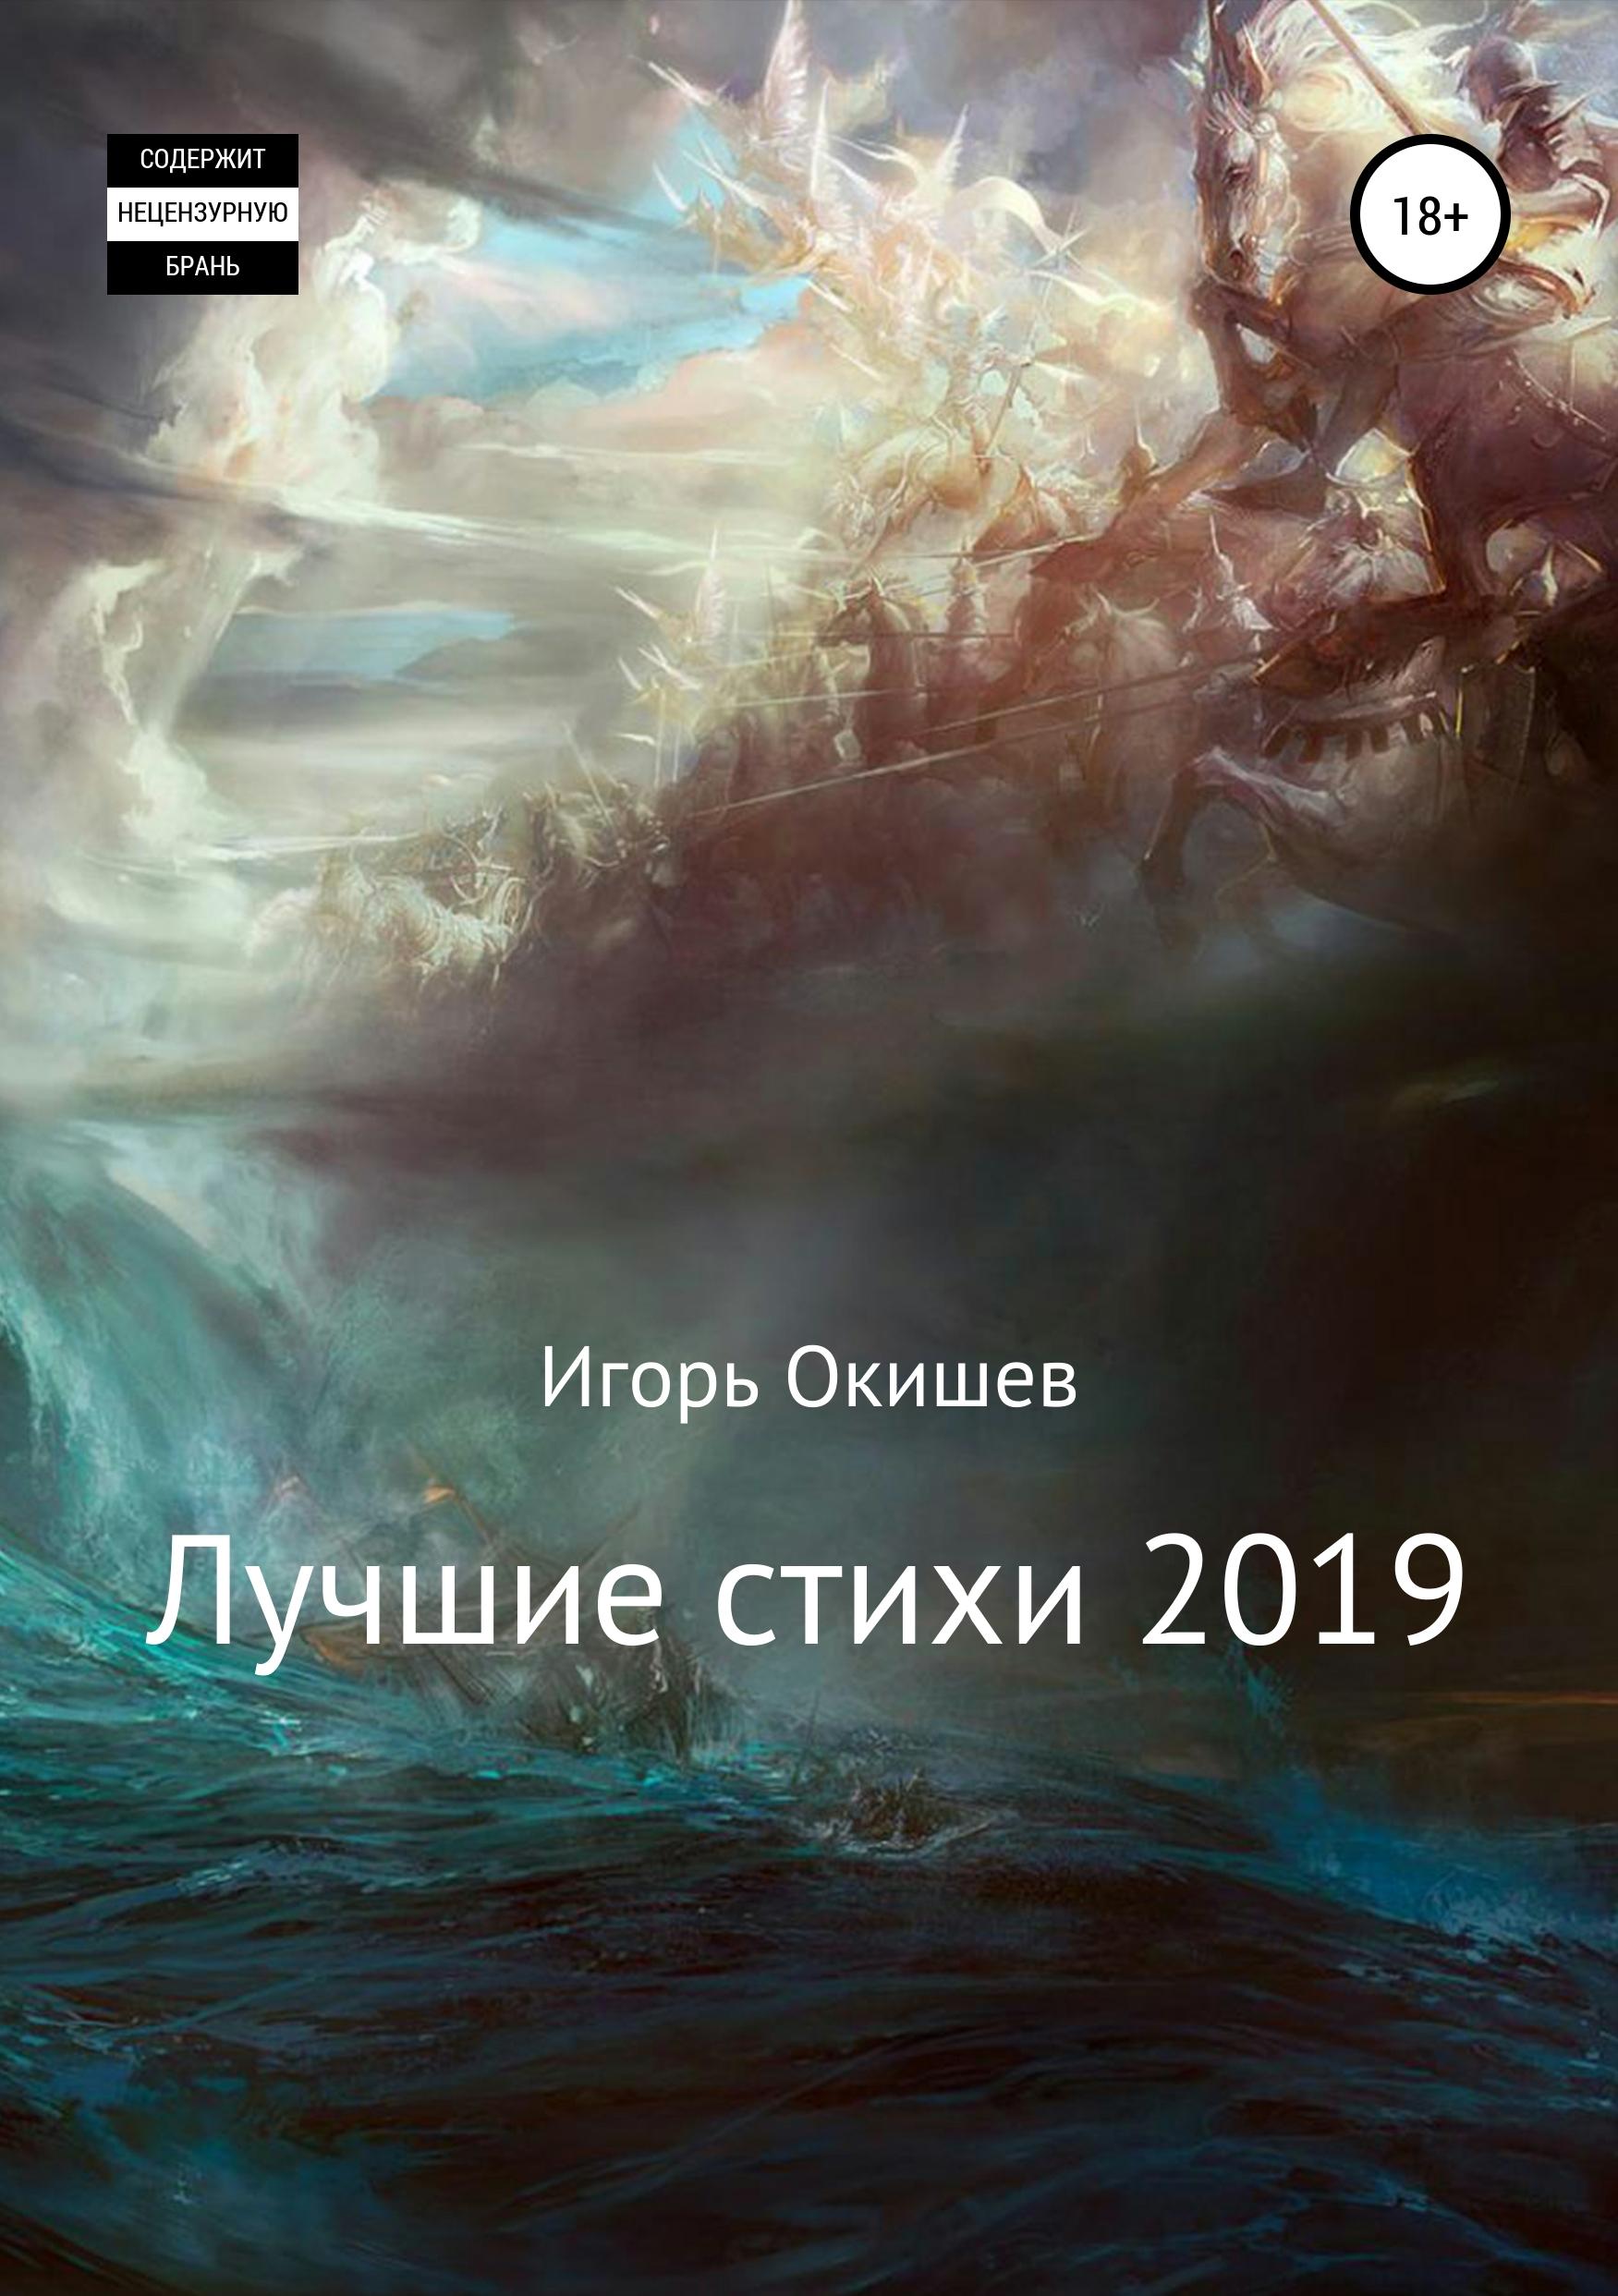 Игорь Окишев Лучшие стихи